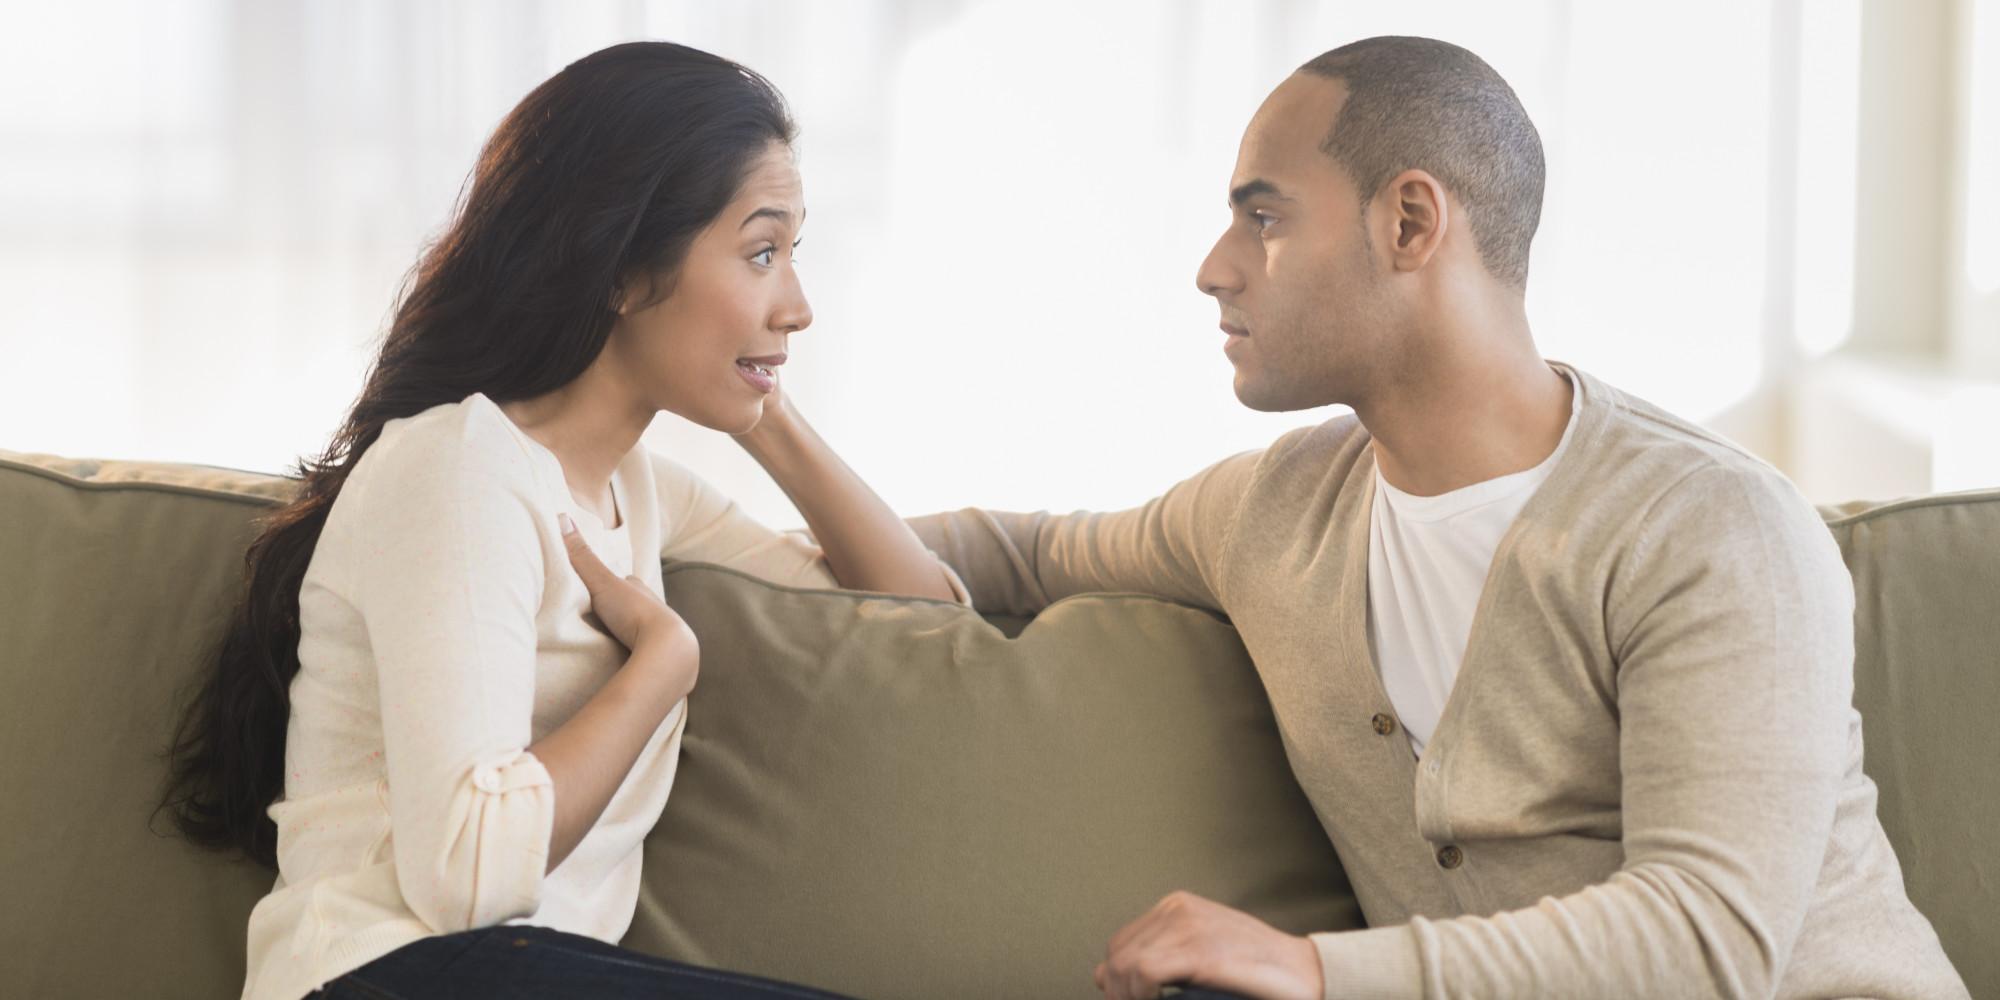 ۷ کاری که باعث جدایی مرد از زن خواهد شد